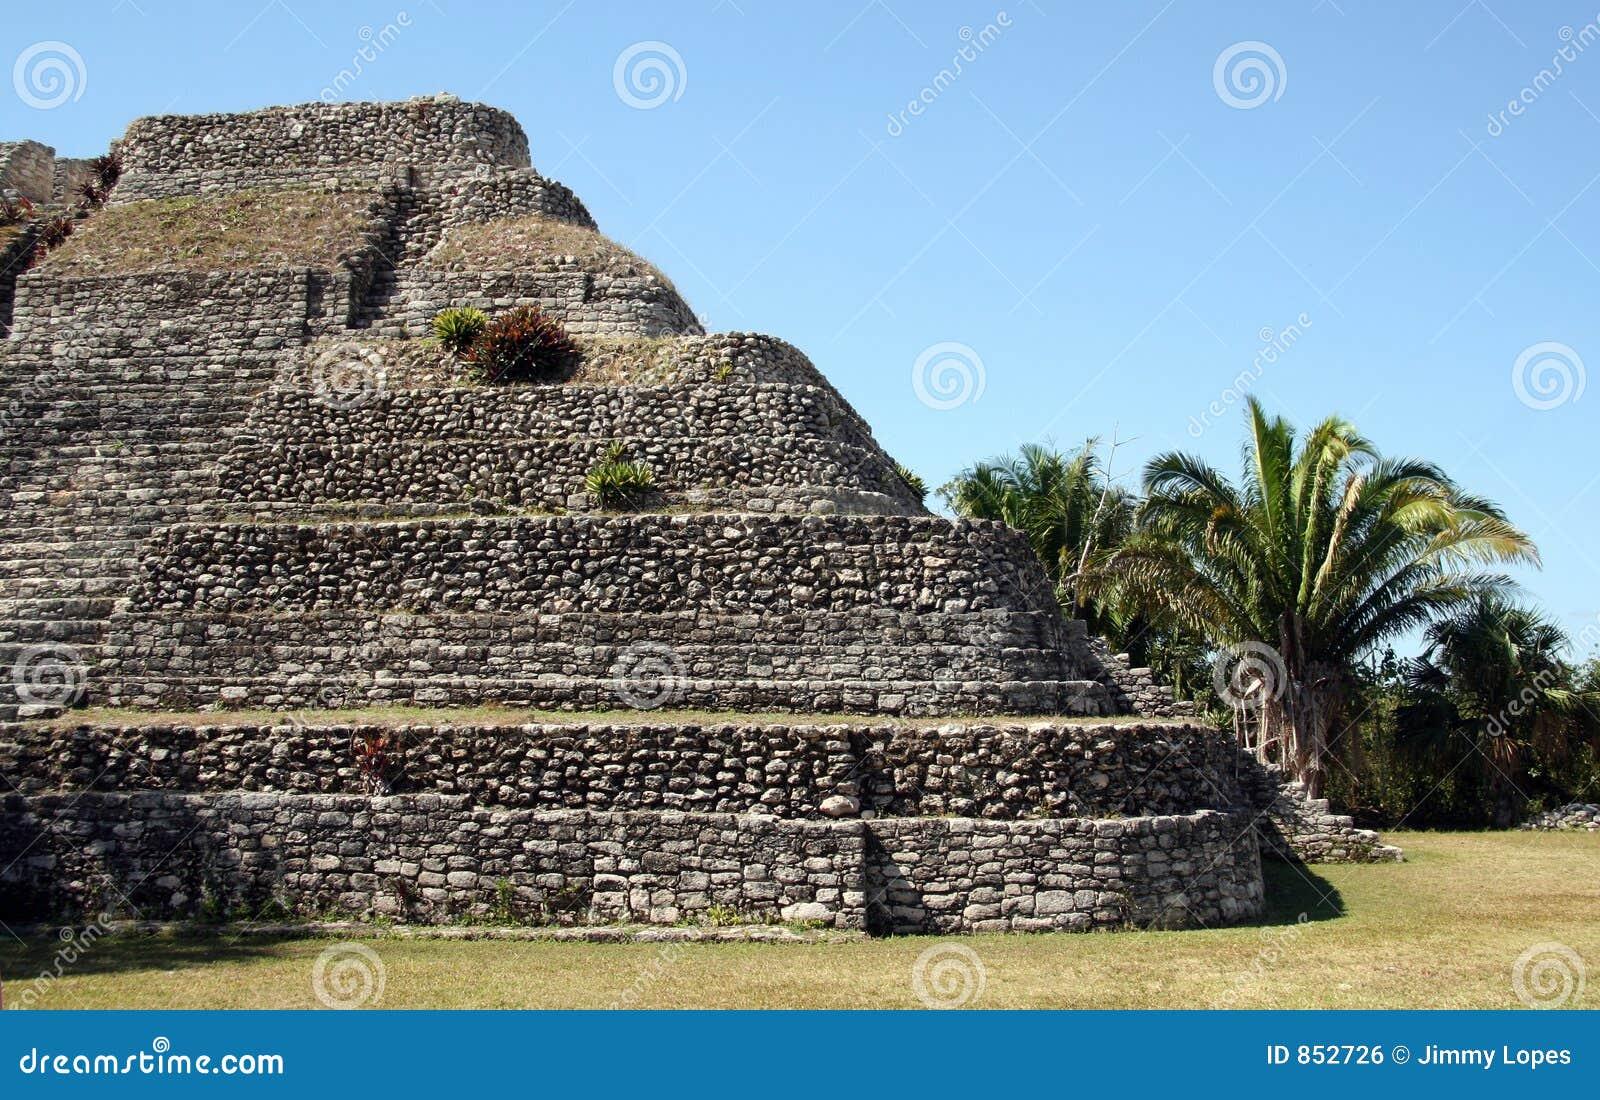 Mayan καταστροφή του Μεξικού